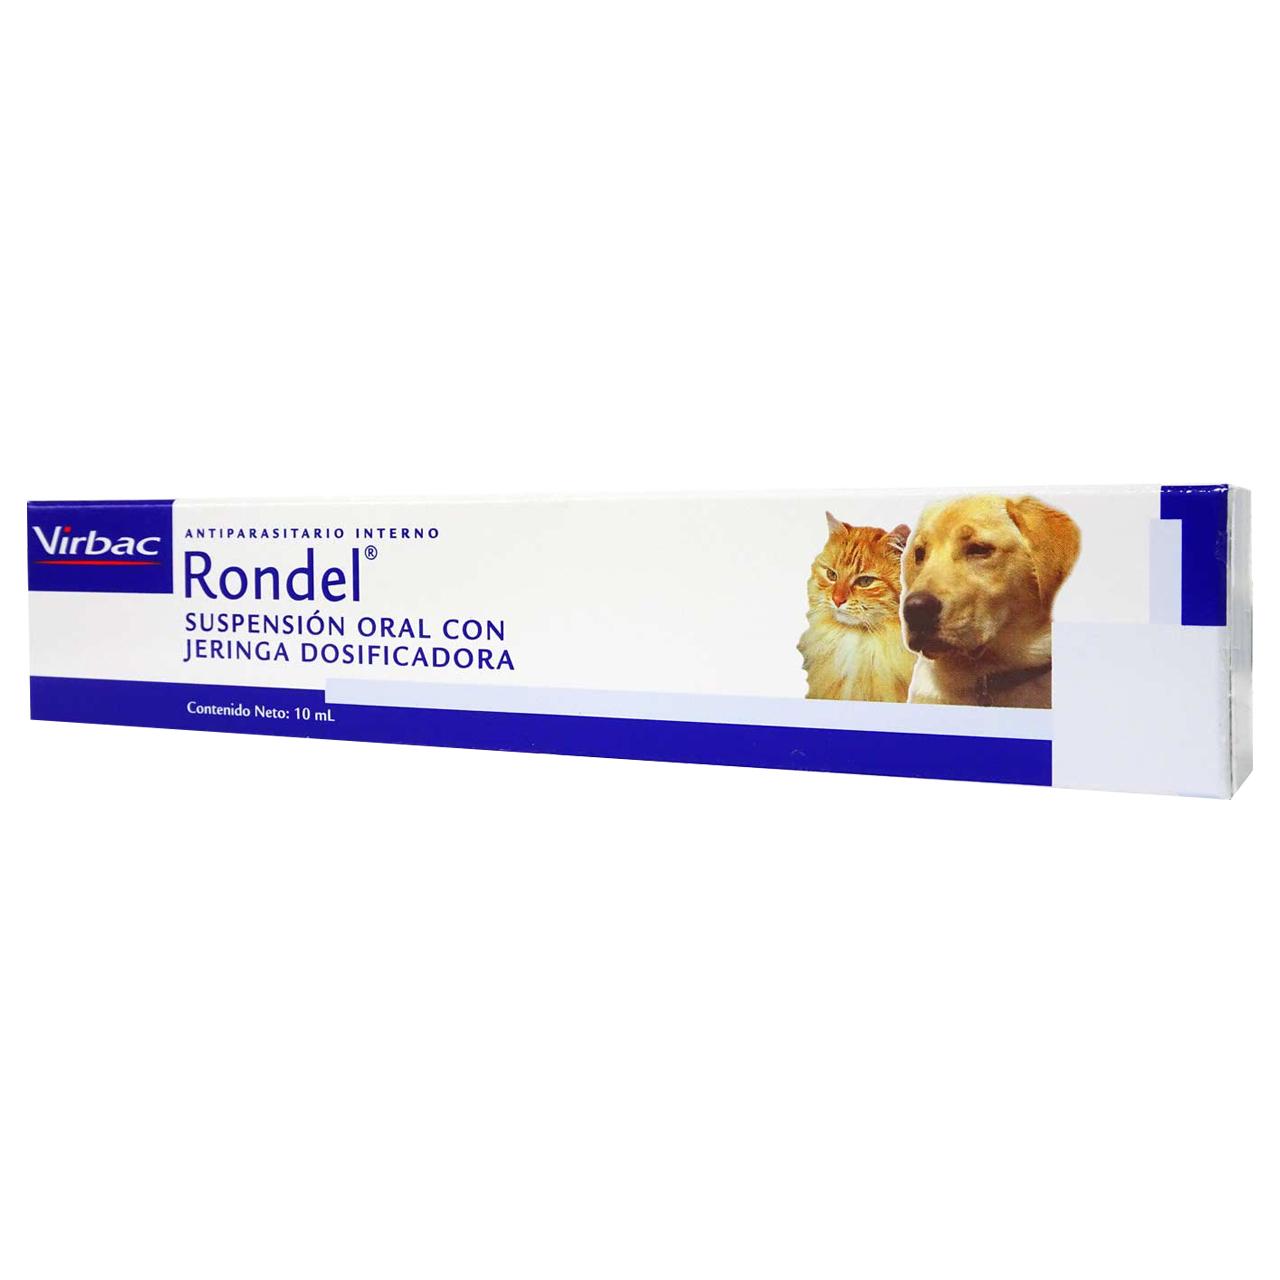 Rondel10.jpg